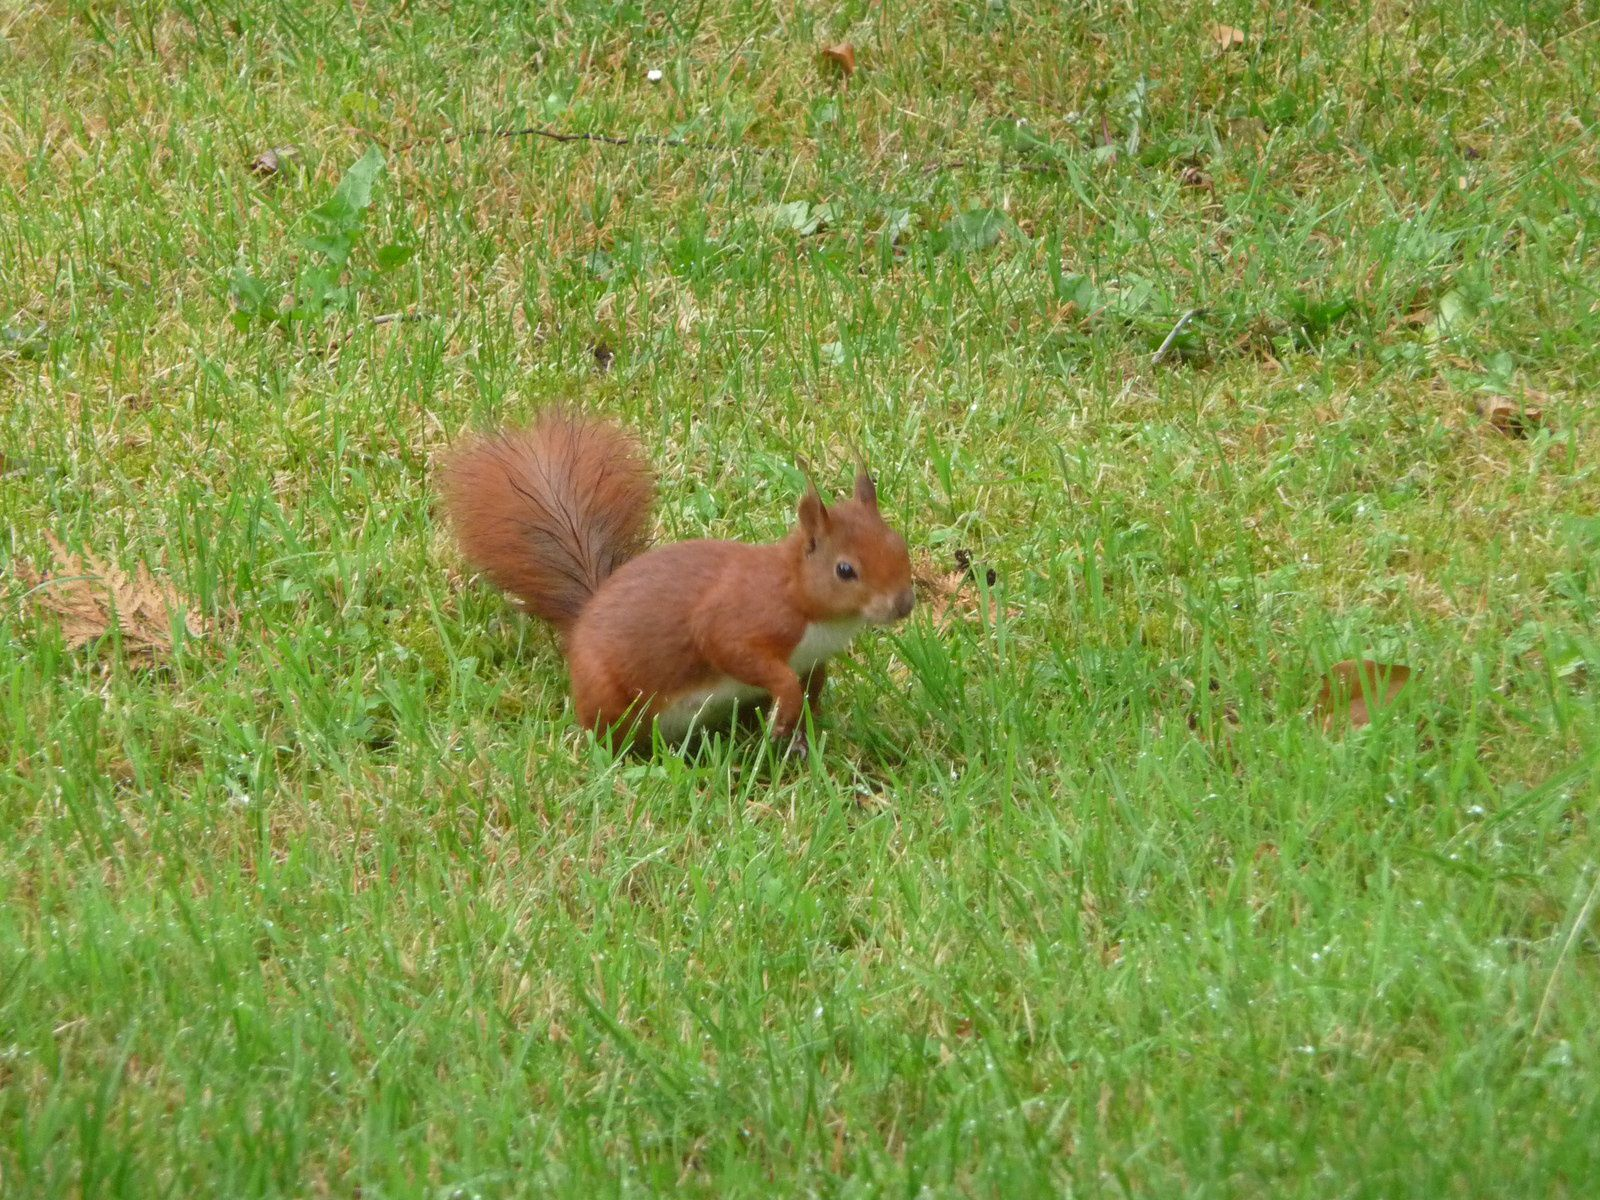 Le matin, en déjeunant, nous avions eu la visite d'un écureuil.